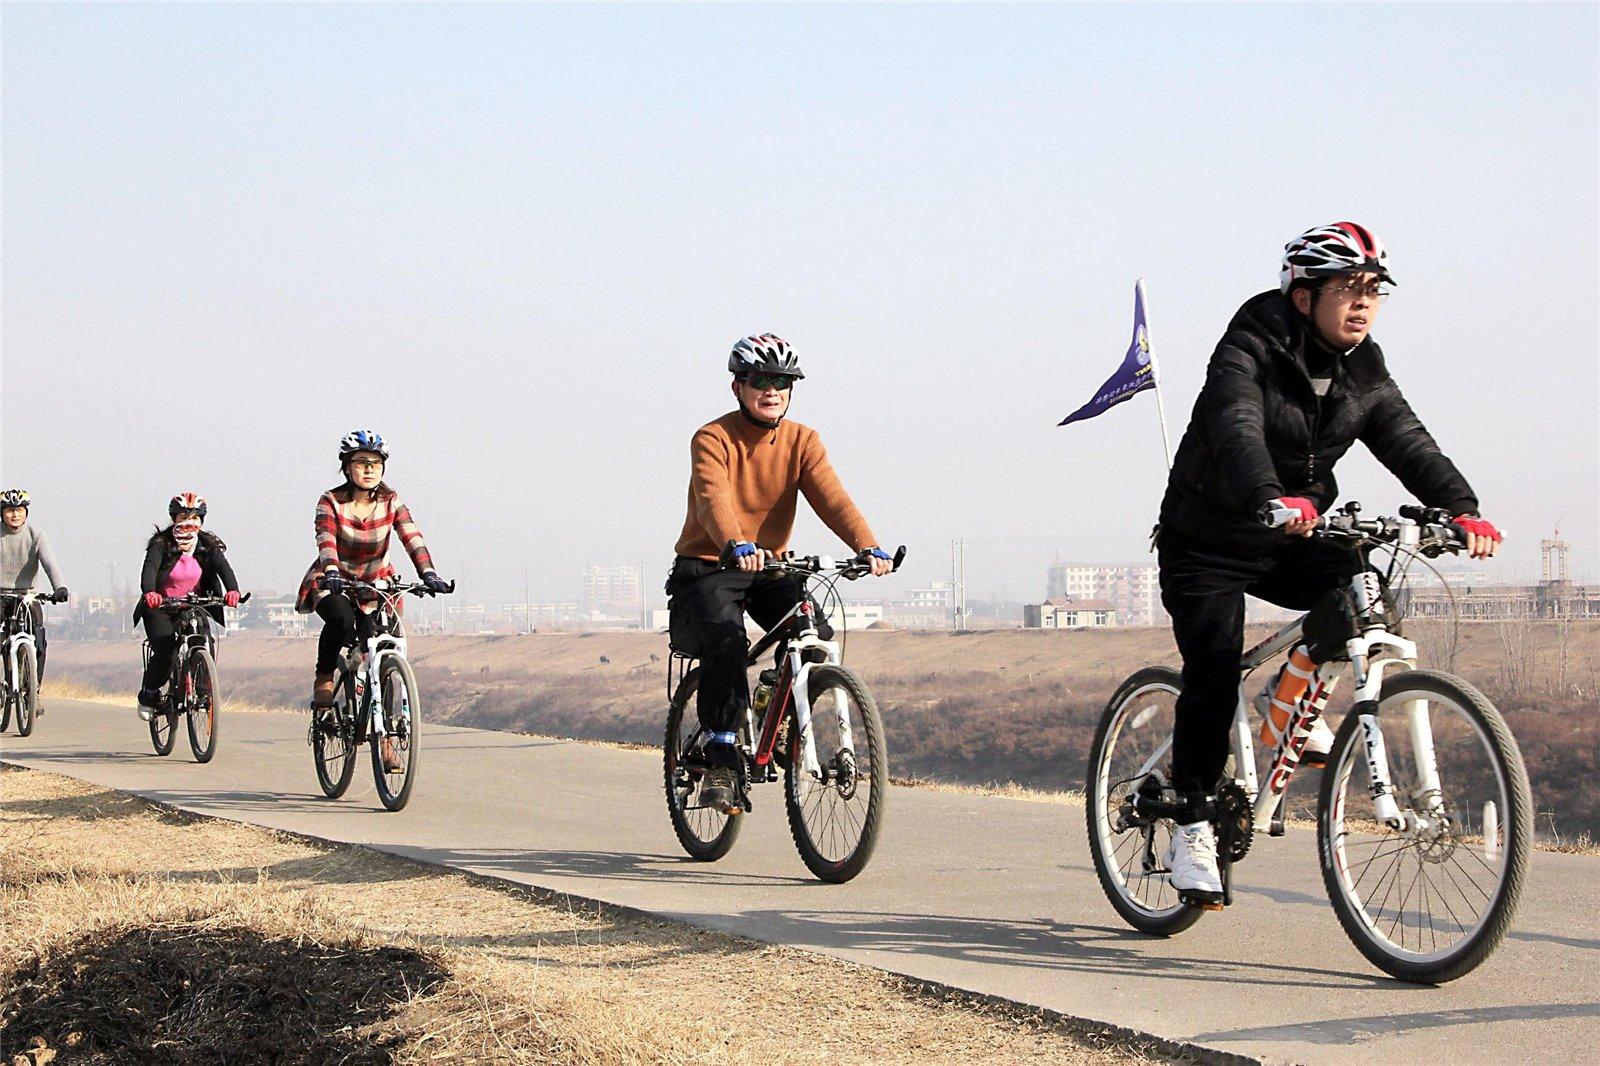 铁刷自行车俱乐部_应城单车俱乐部车友邀约骑行天鹅镇